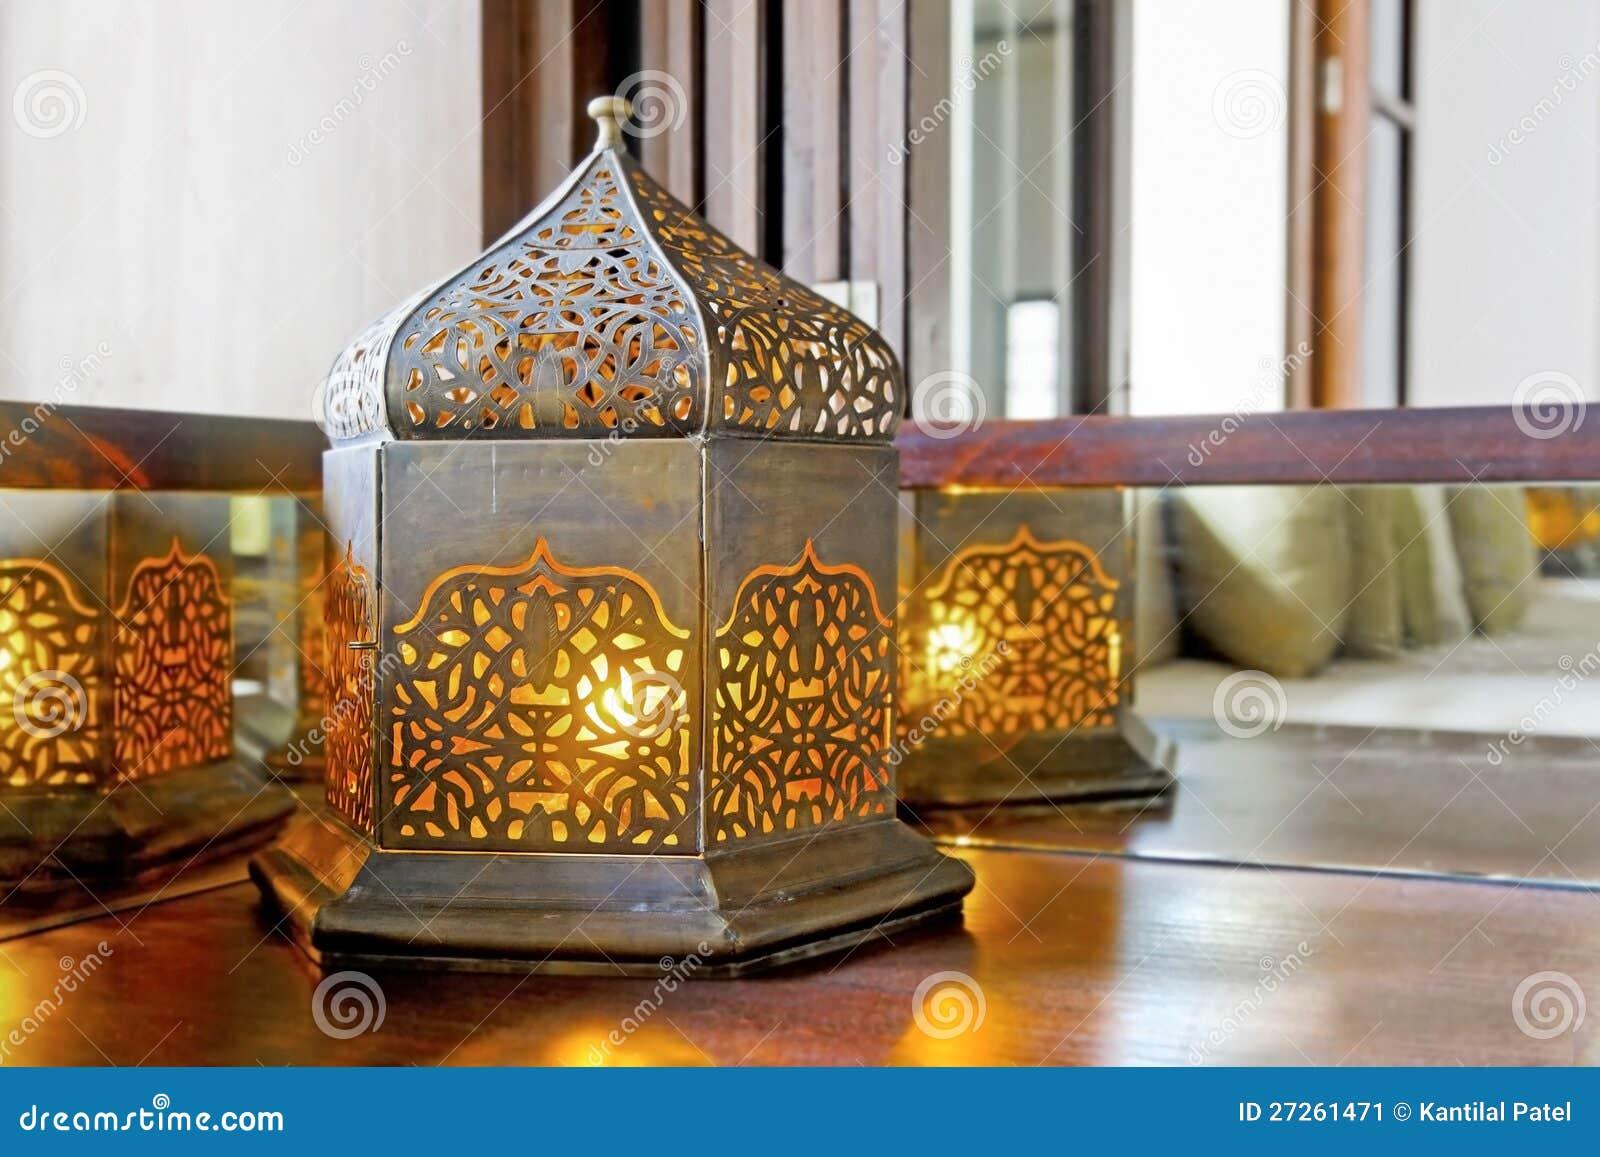 lampe faisante le coin de lanterne d 39 ampoule d 39 l ment image stock image 27261471. Black Bedroom Furniture Sets. Home Design Ideas